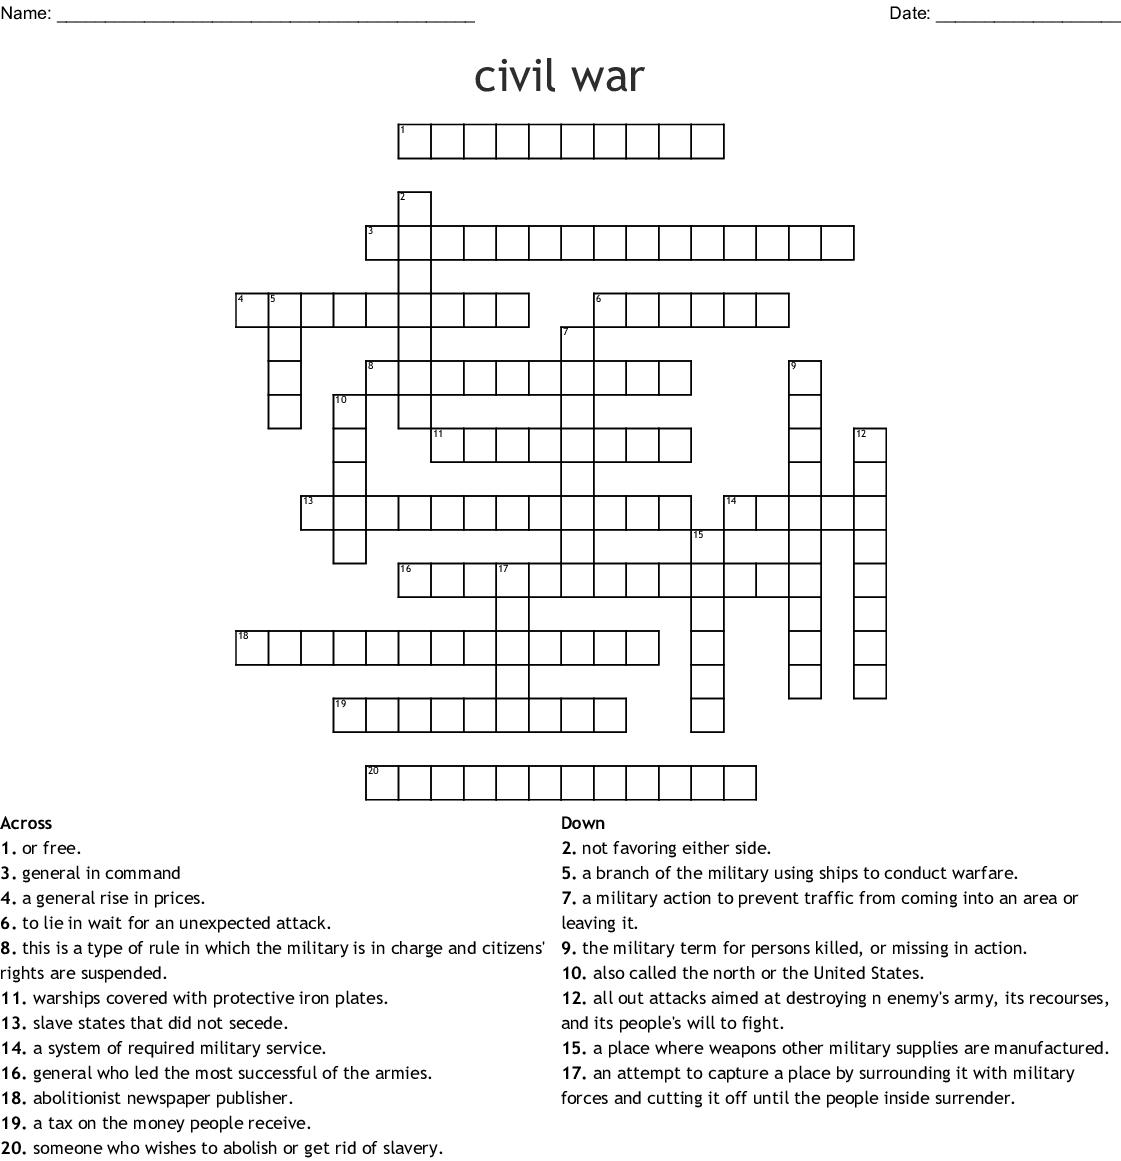 Chapter 15 Crossword Puzzle - WordMint